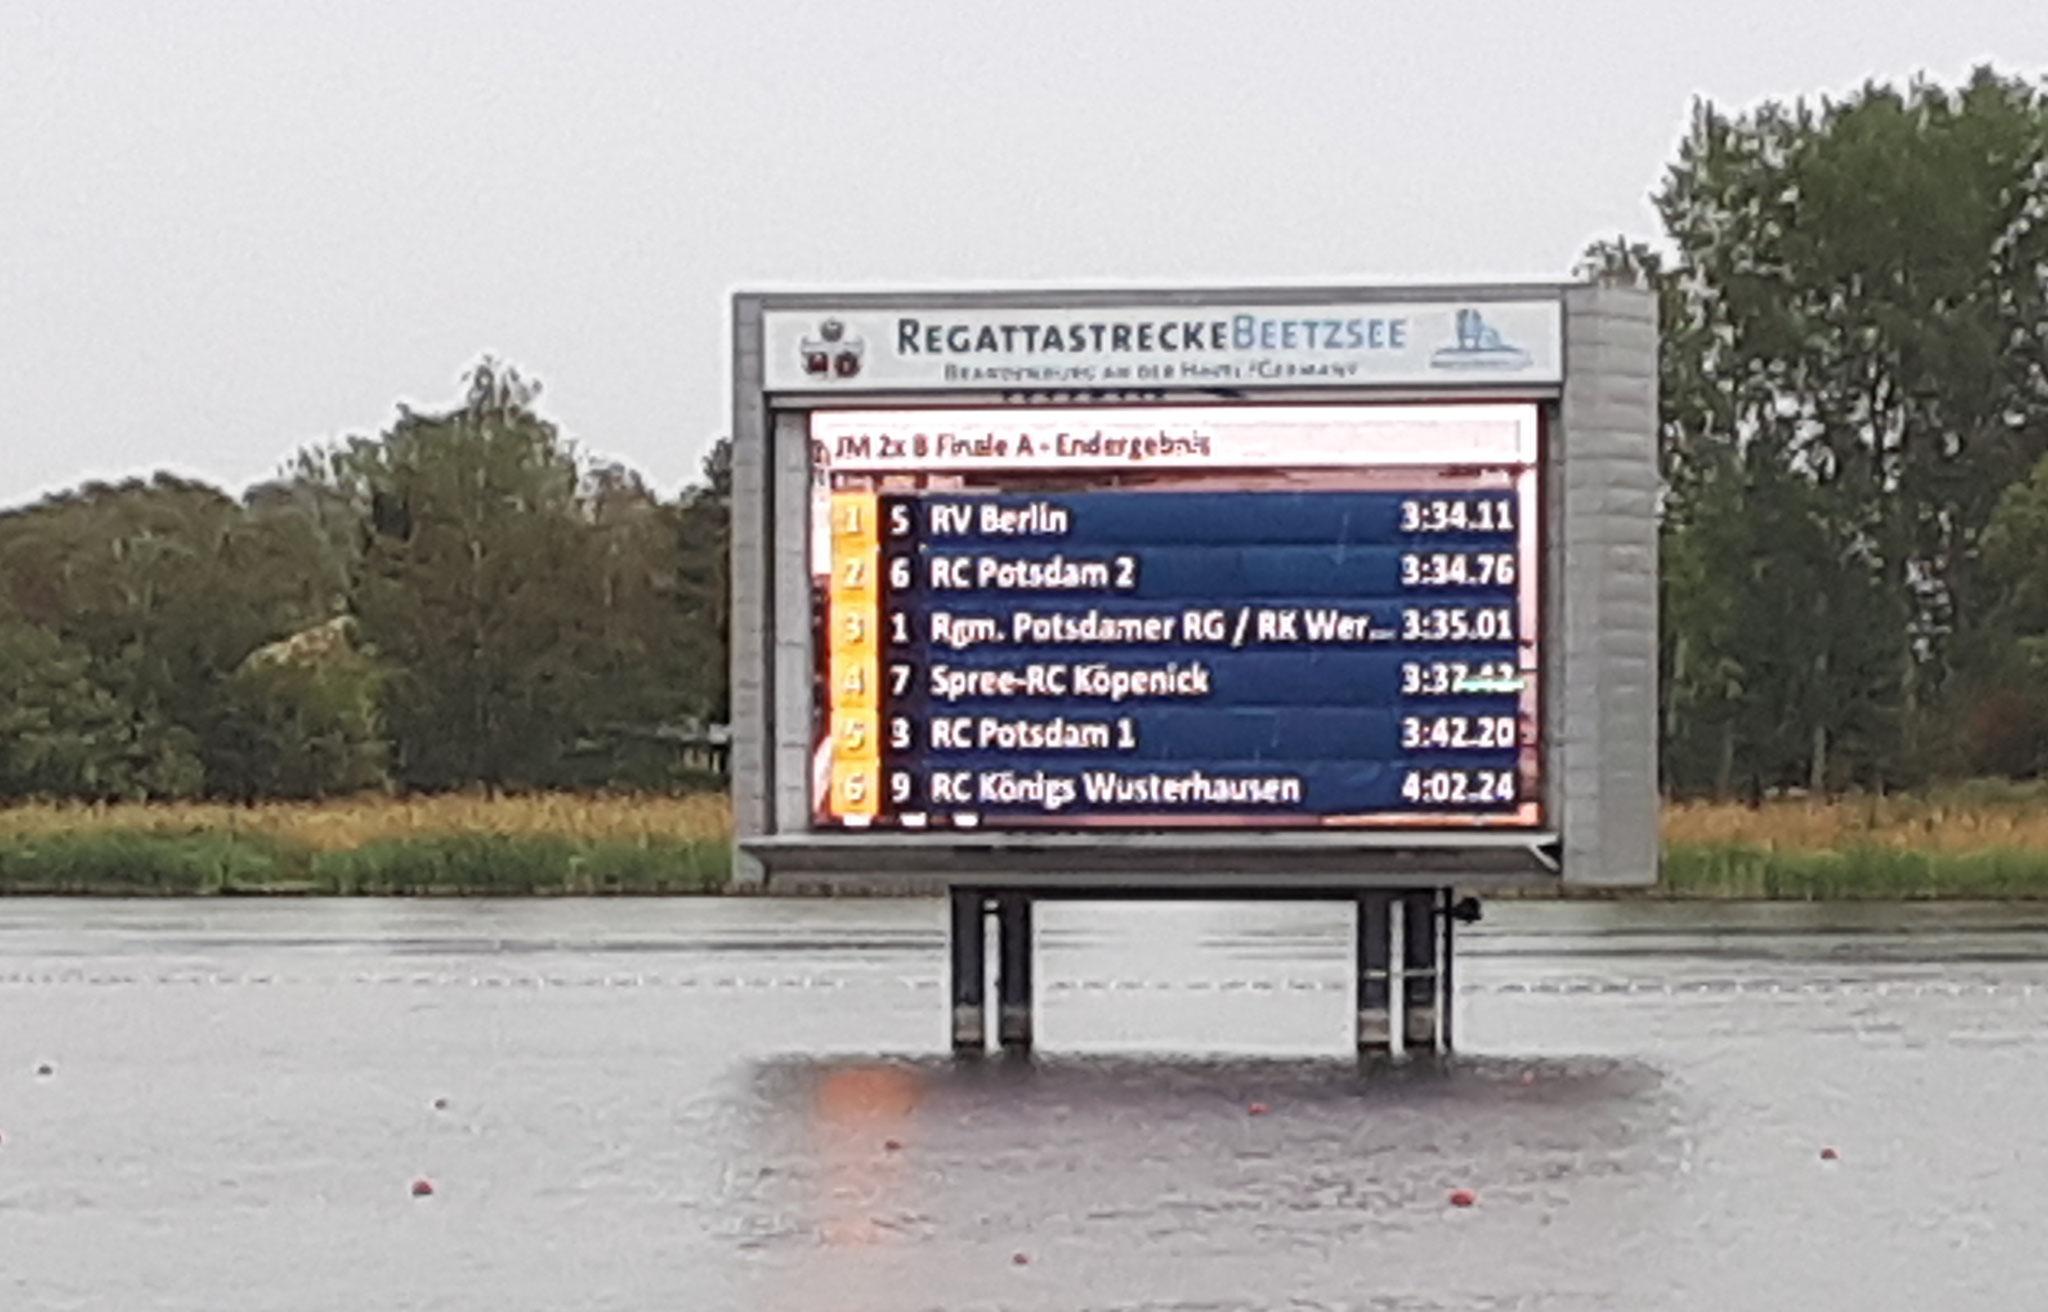 Ergebnis des A-Finale des JM 2x B - Platz 1 - 3 innerhalb von 0,9 Sekunden. Was für ein Rennen!